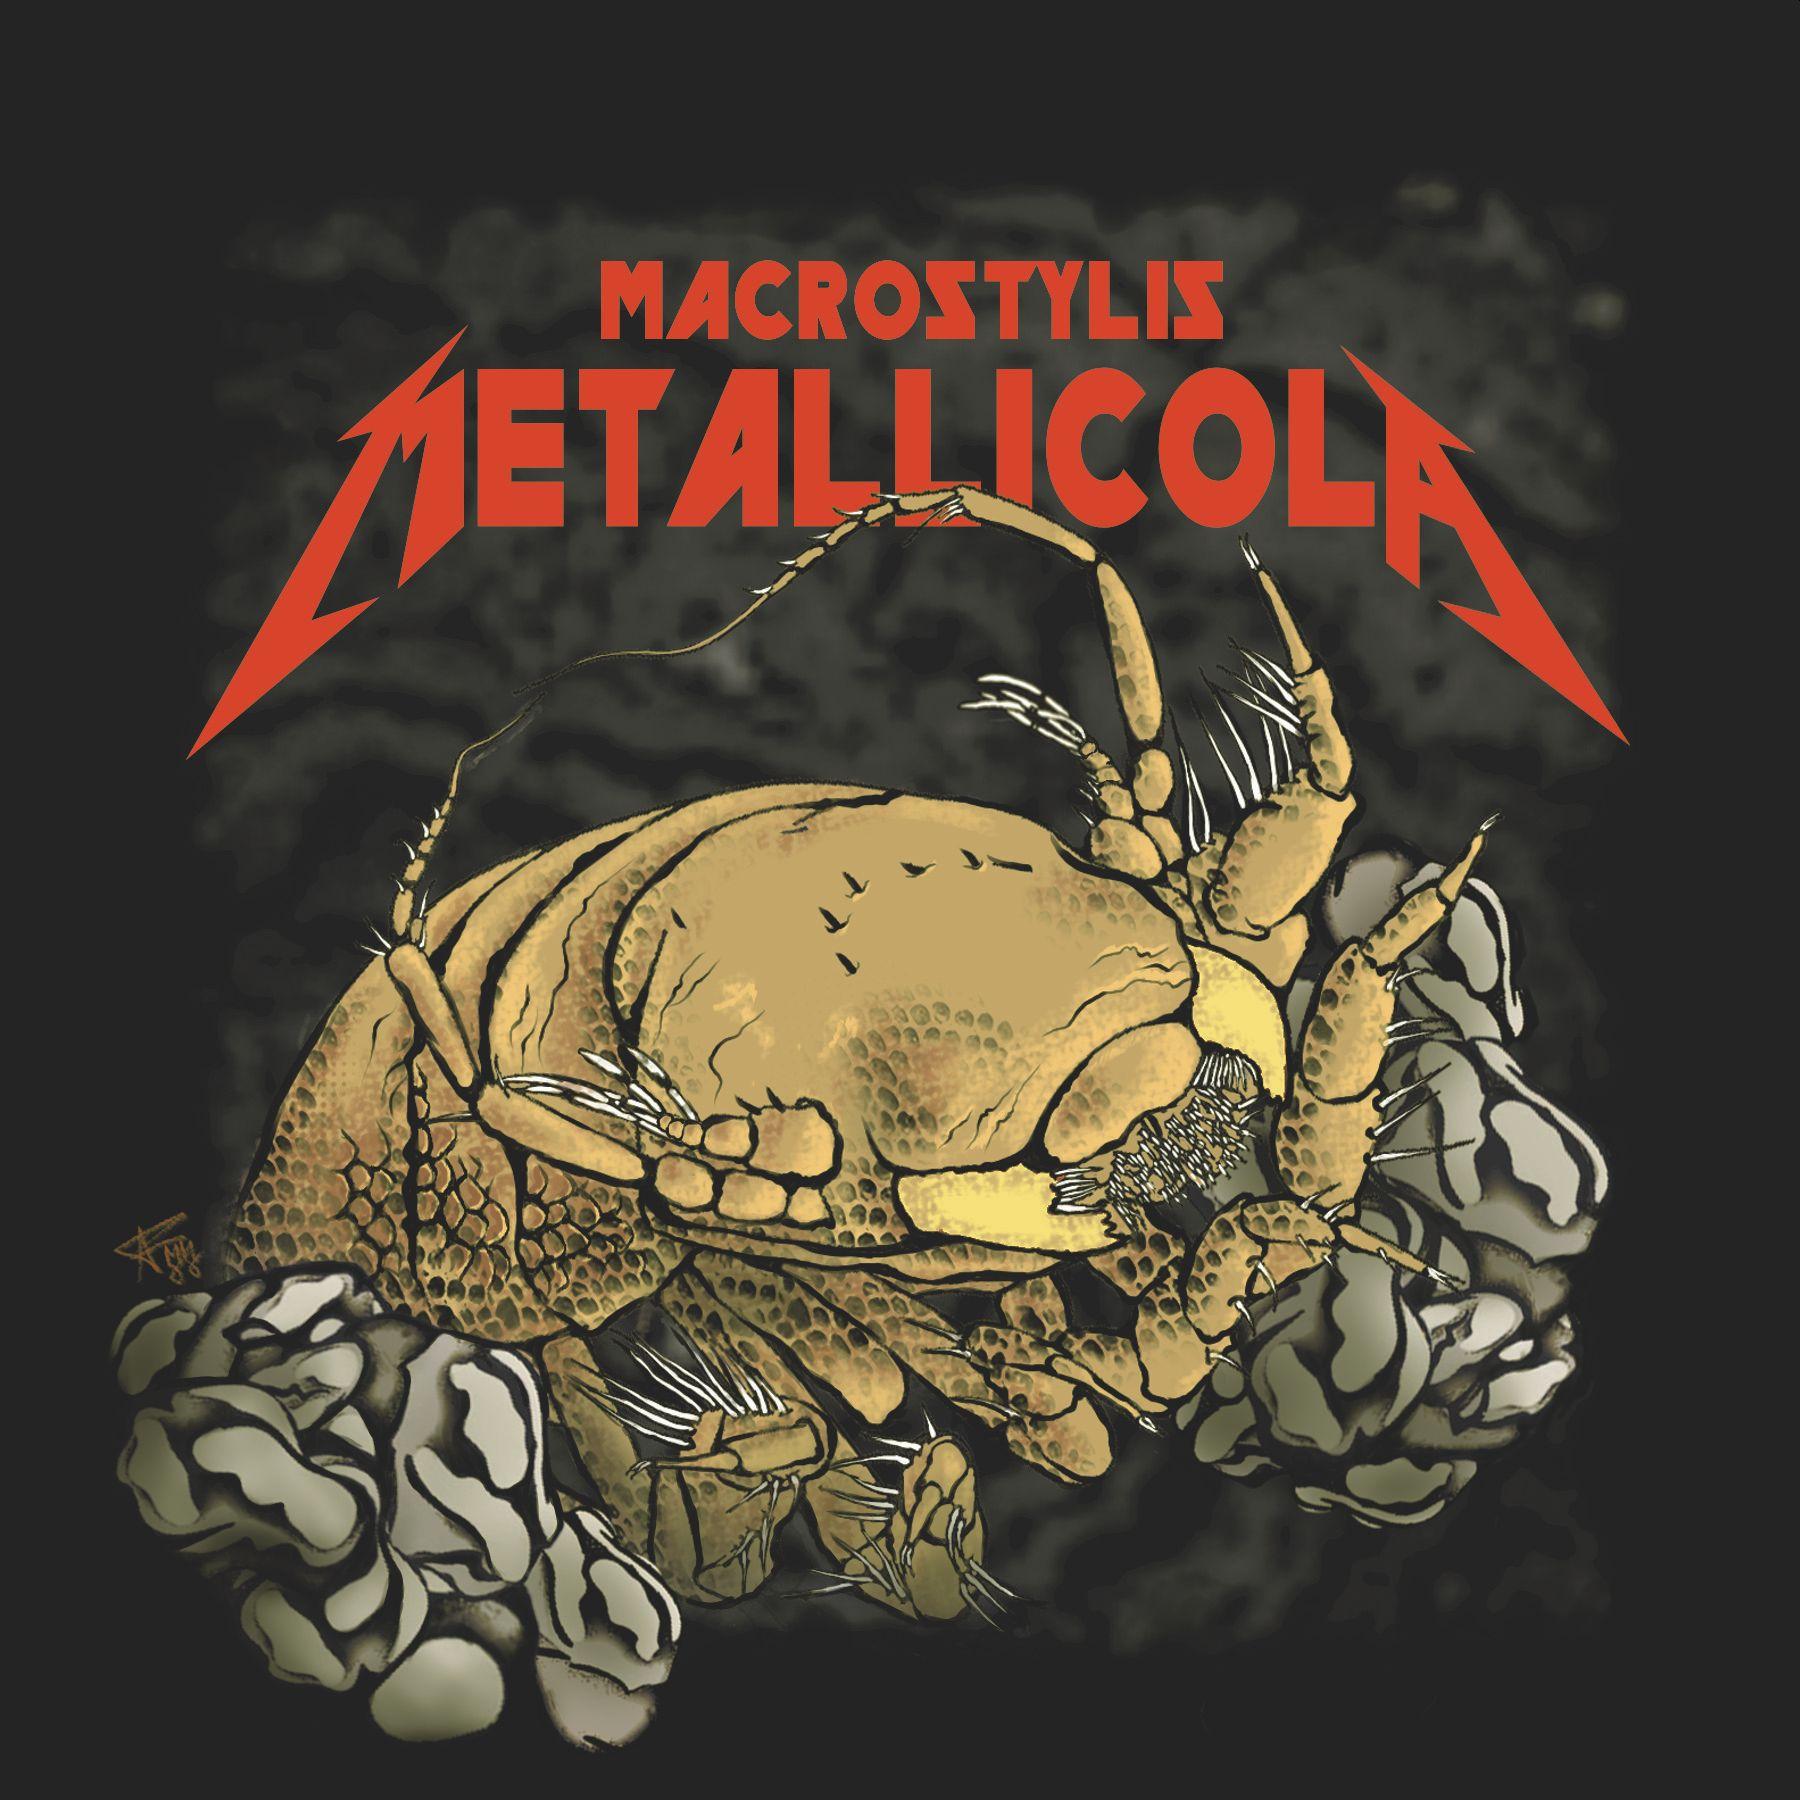 Die Metallica-Assel Macrostylis metallicola als künstlerische Interpretation (C) Senckenberg